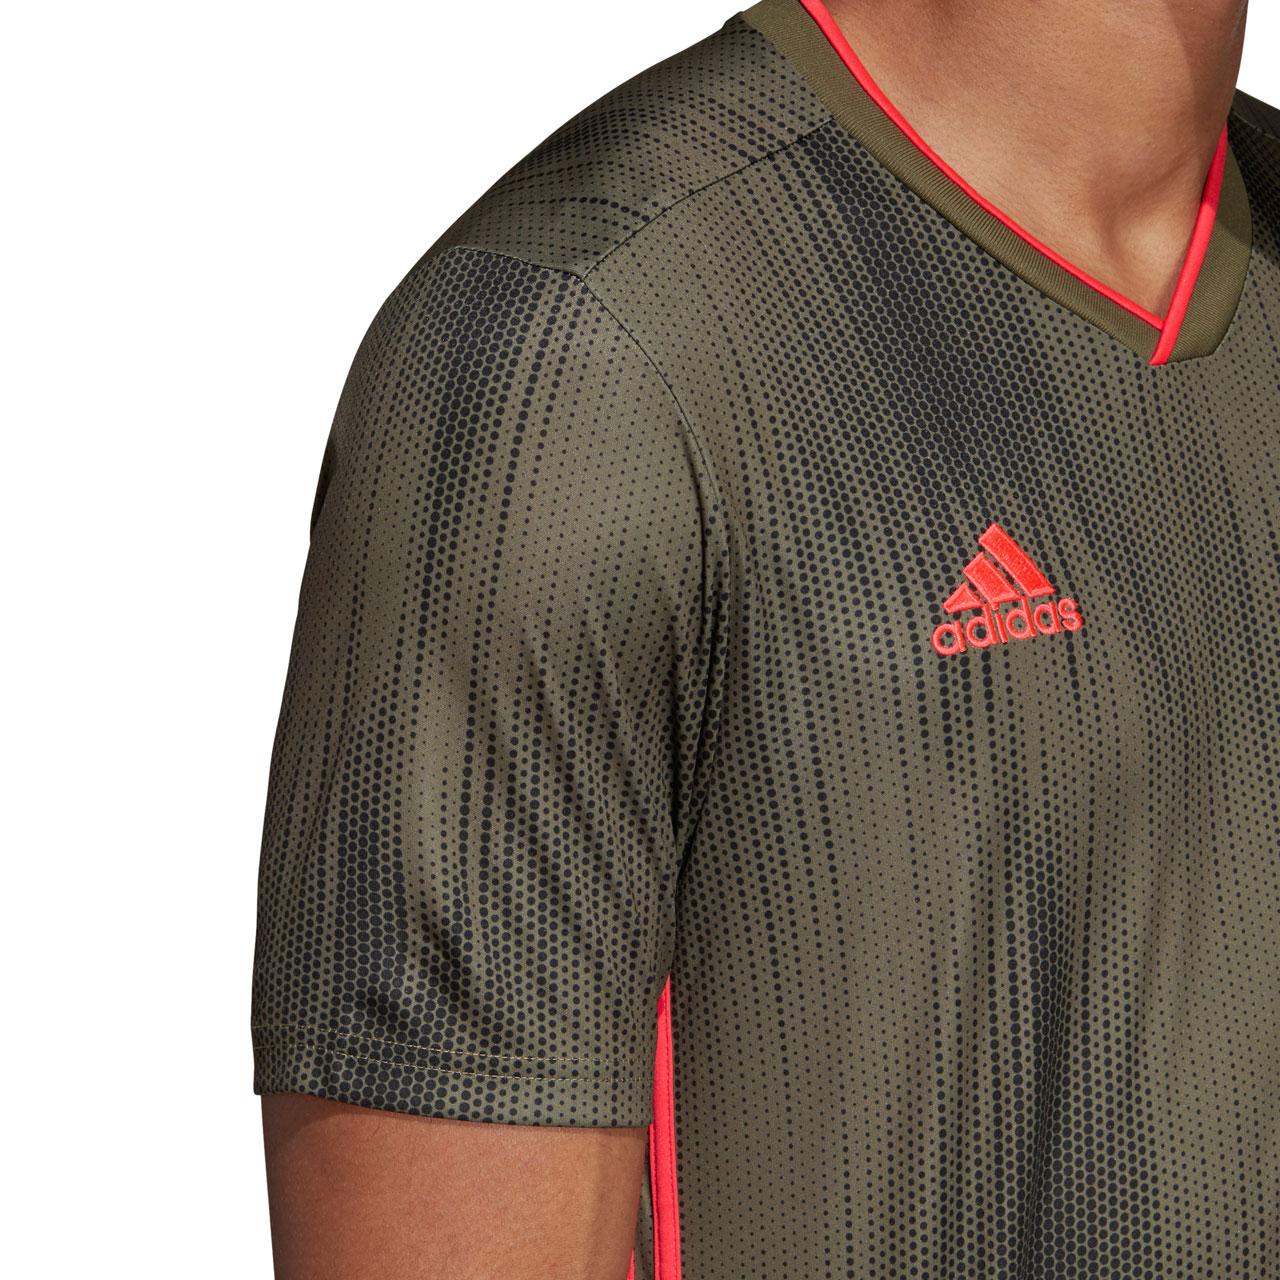 adidas Tiro 19 Fußballtrikot Jungen lila orange im Online Shop von SportScheck kaufen